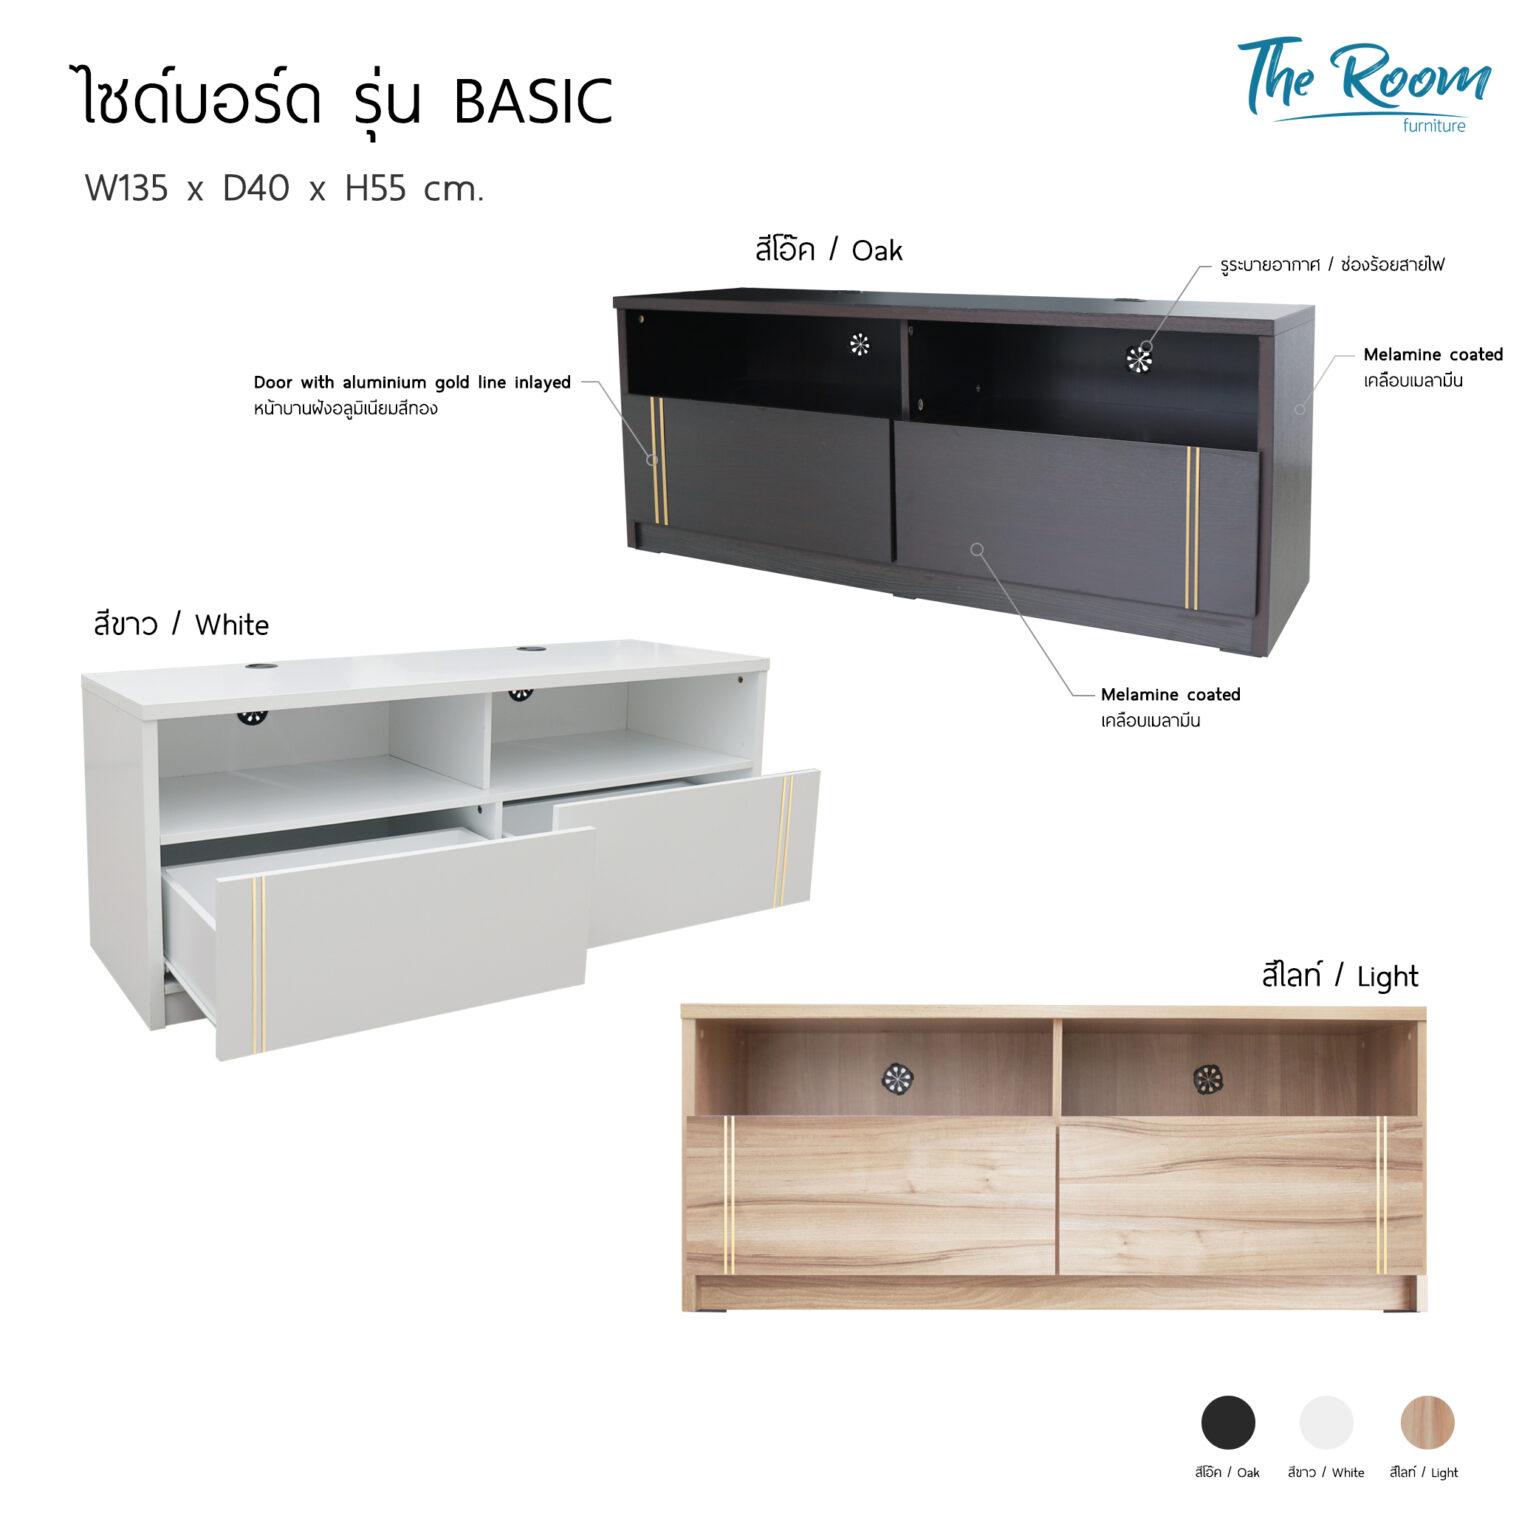 ไซด์บอร์ด BASIC The Room Furniture